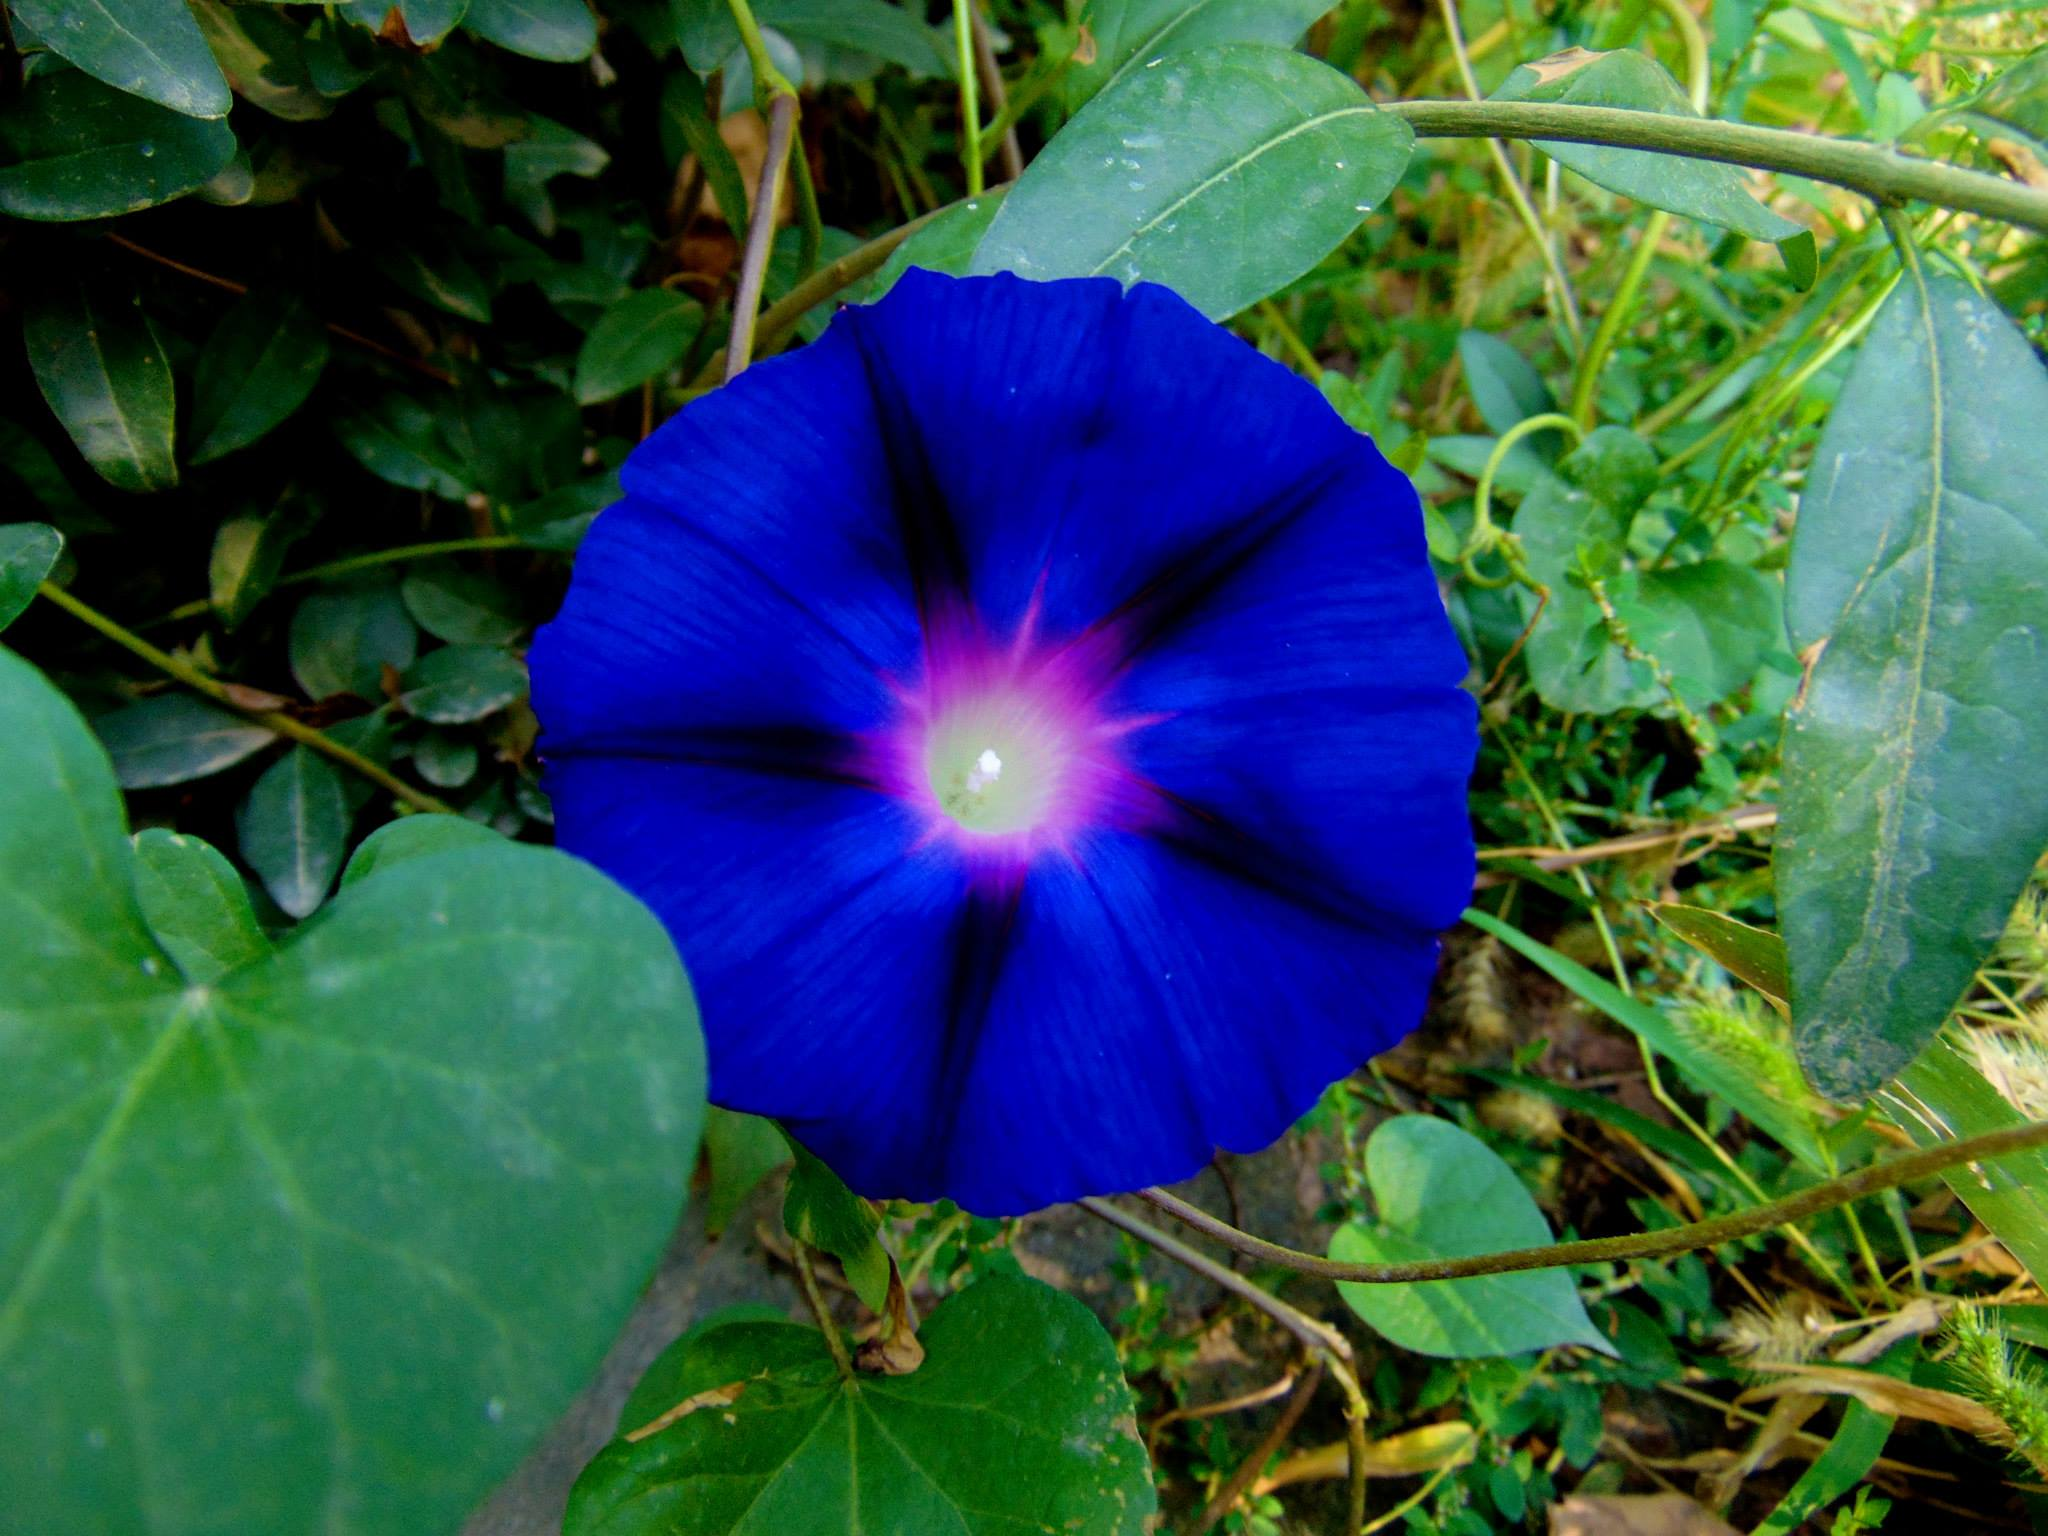 красивый синий цветок. джалал-абад. ферганская долина. предгорье тянь-шаня. путешествия кати. киргизия